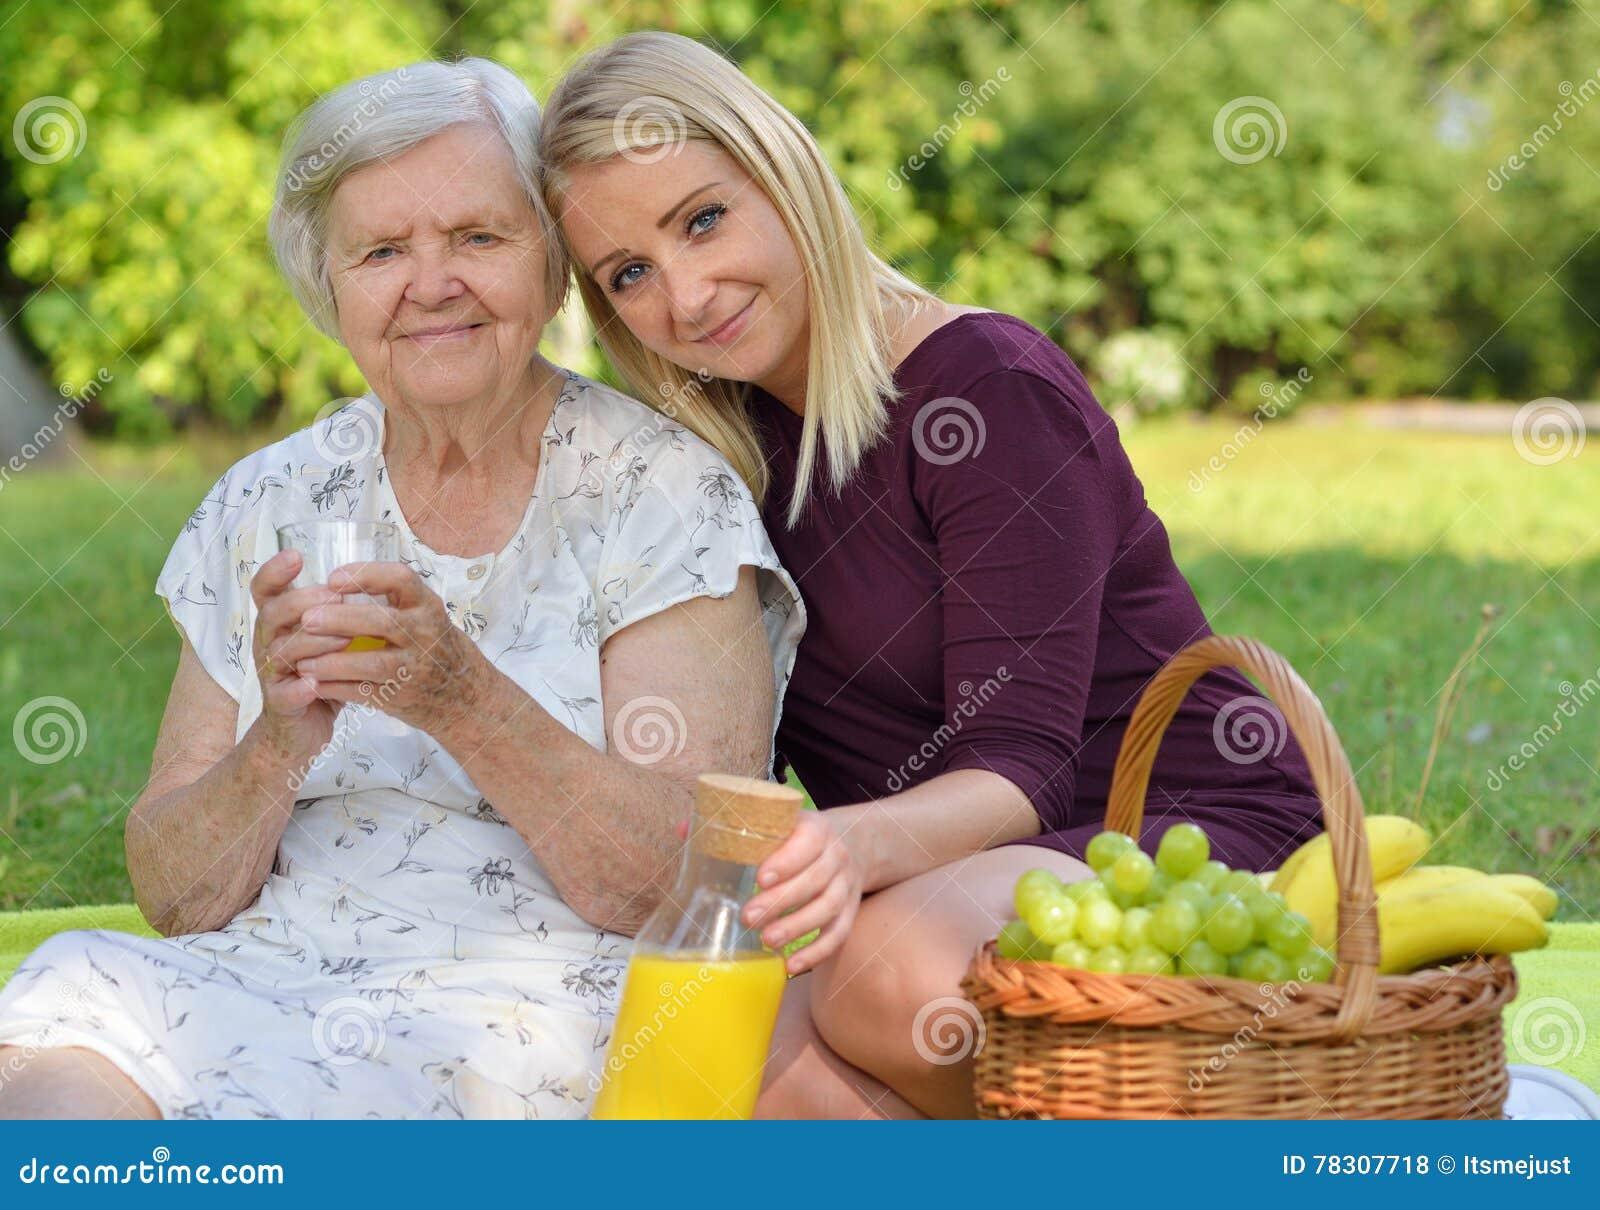 Нарезка писсинга фото женщин на пикнике картинки